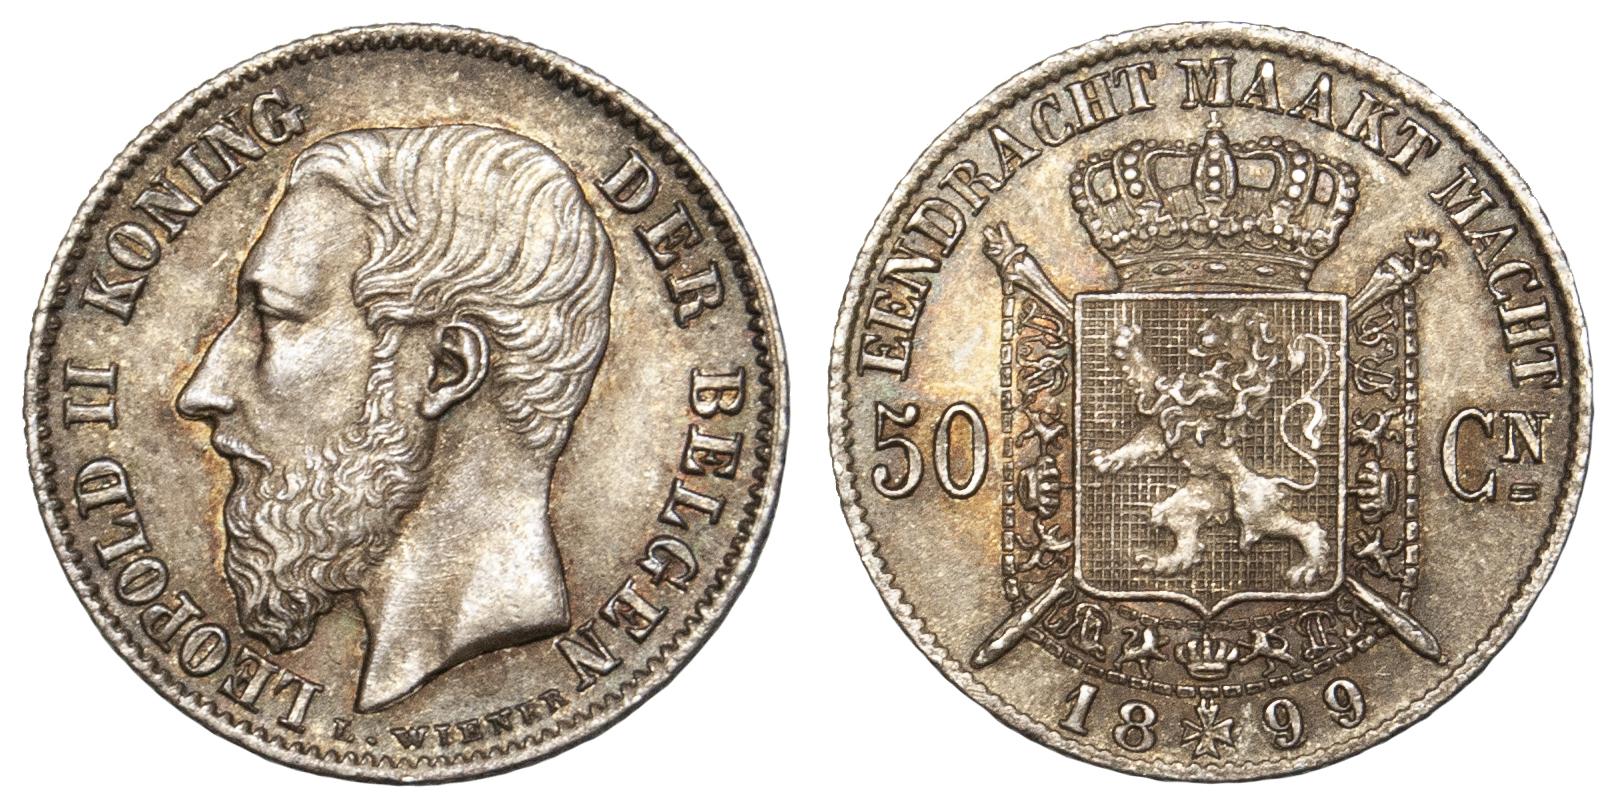 Belgium, 1/2 Franc, 1899